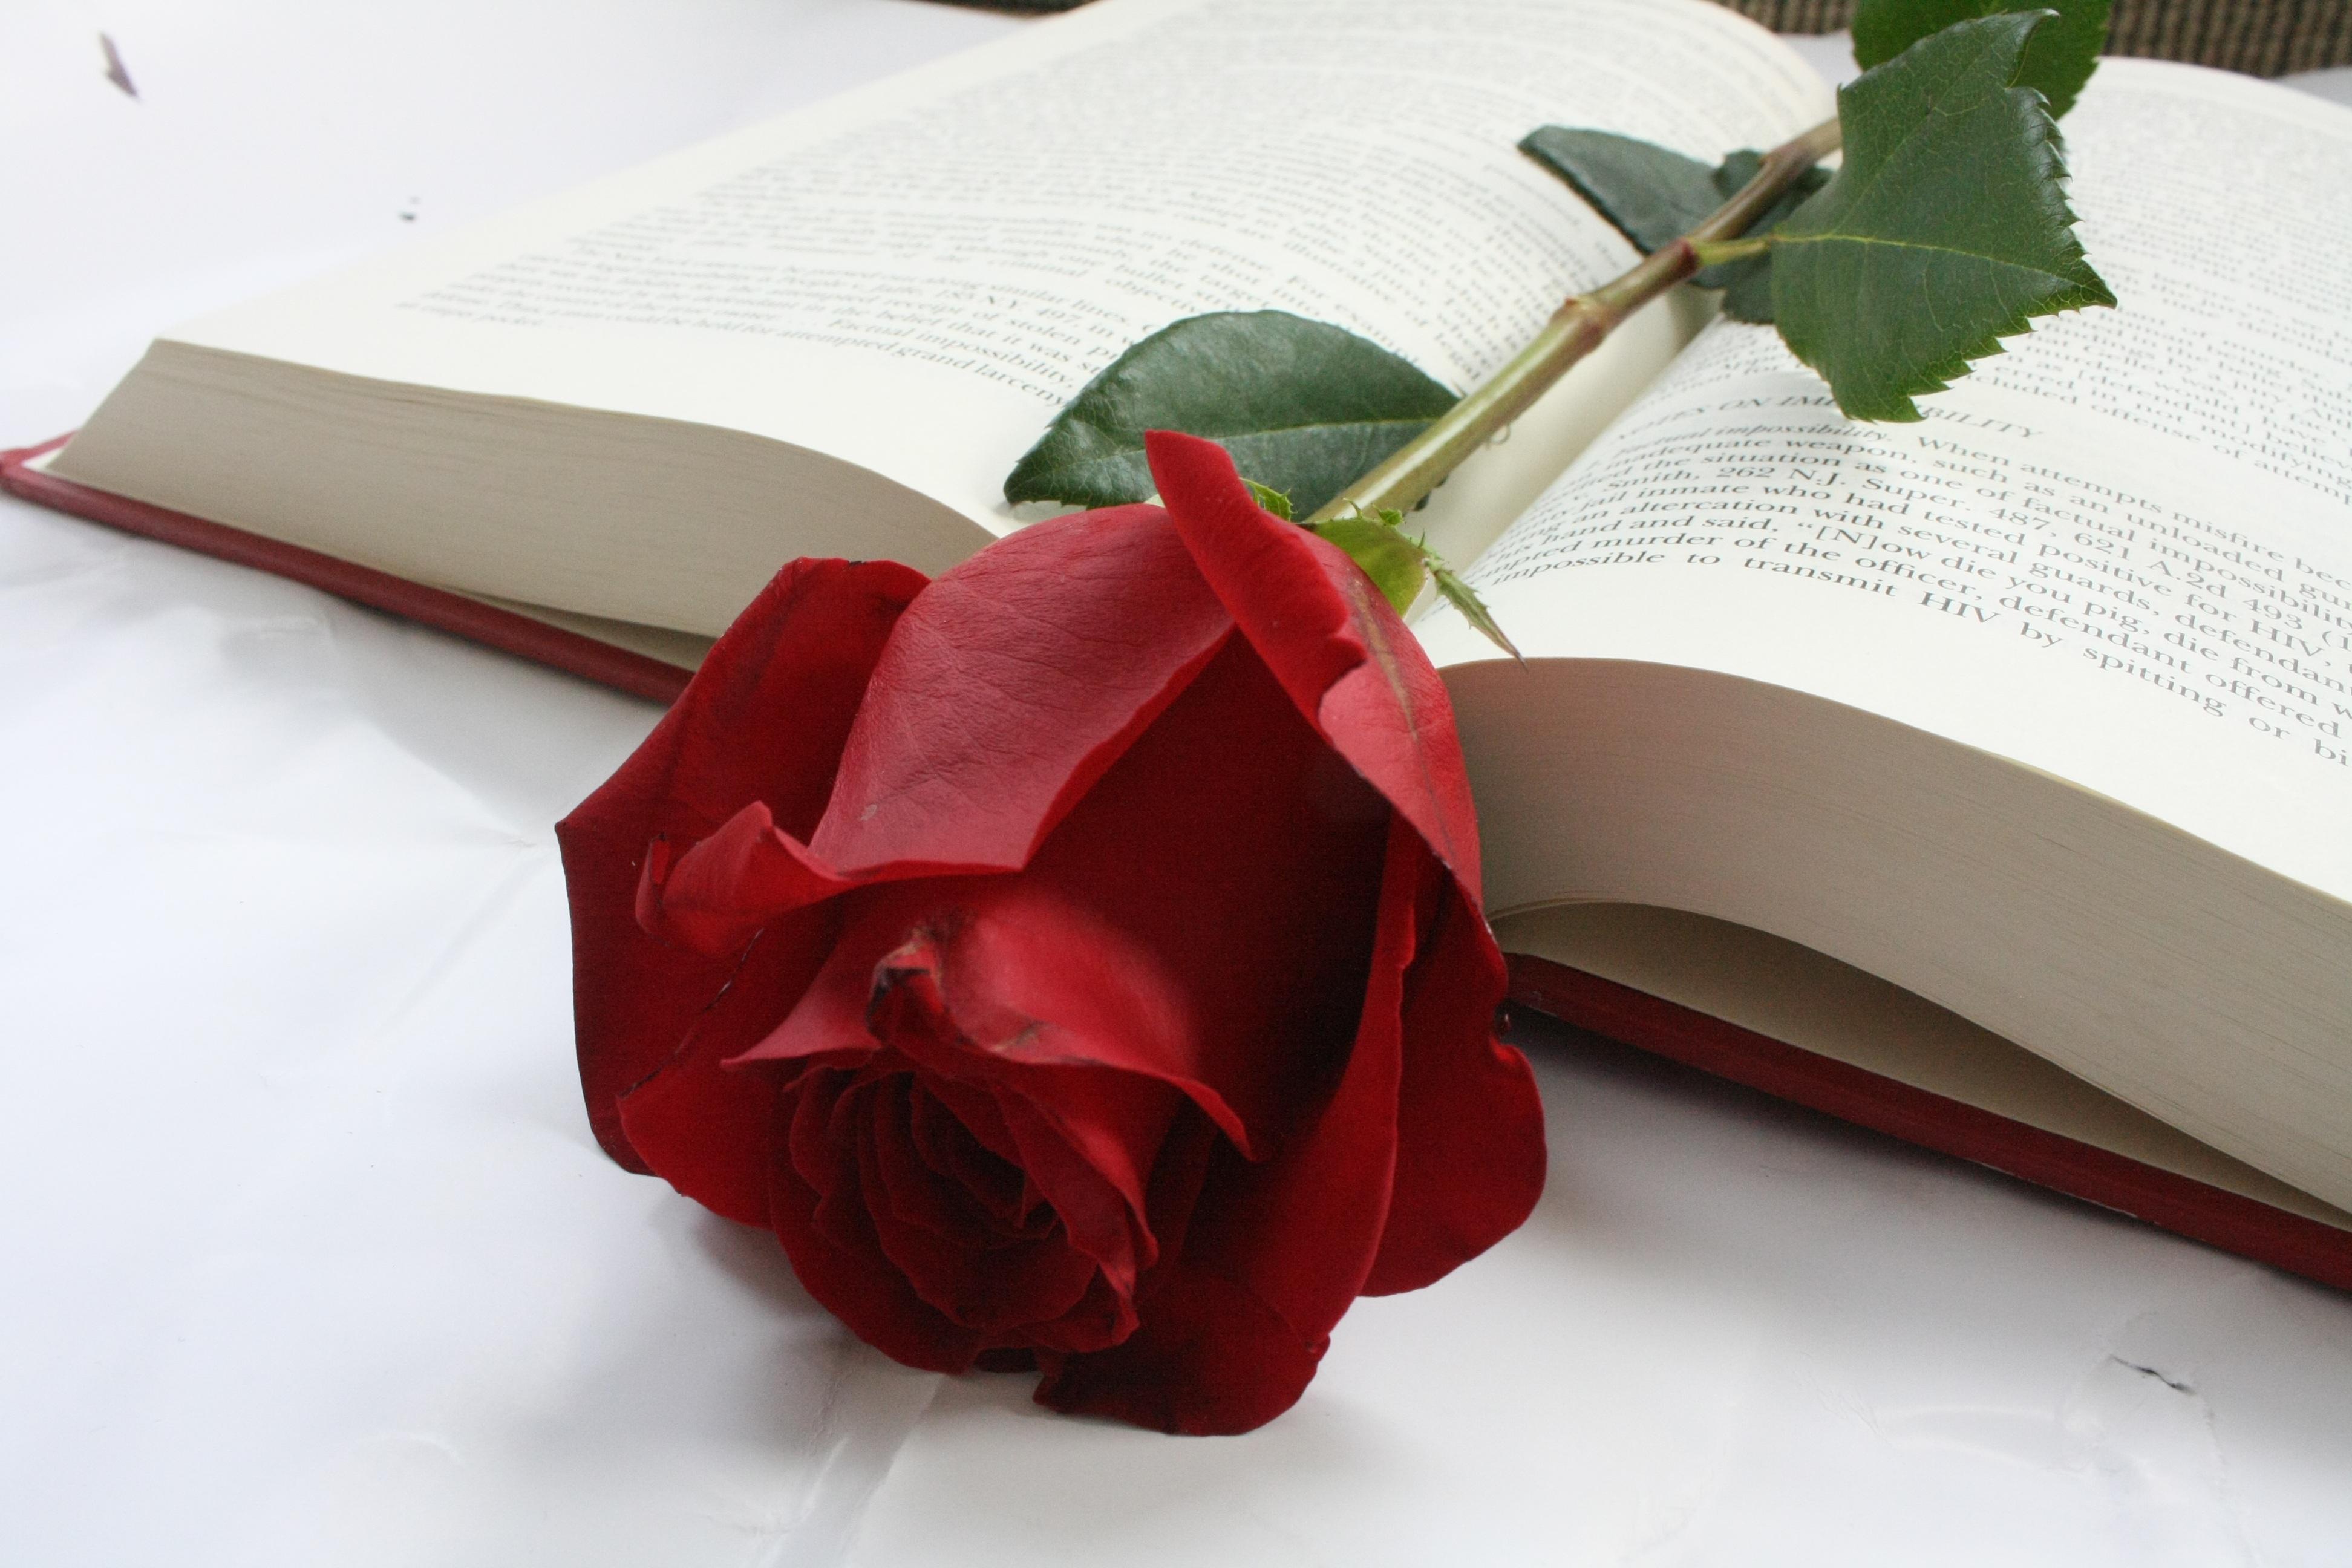 Gambar Book Menanam Daun Bunga Berwarna Merah Muda